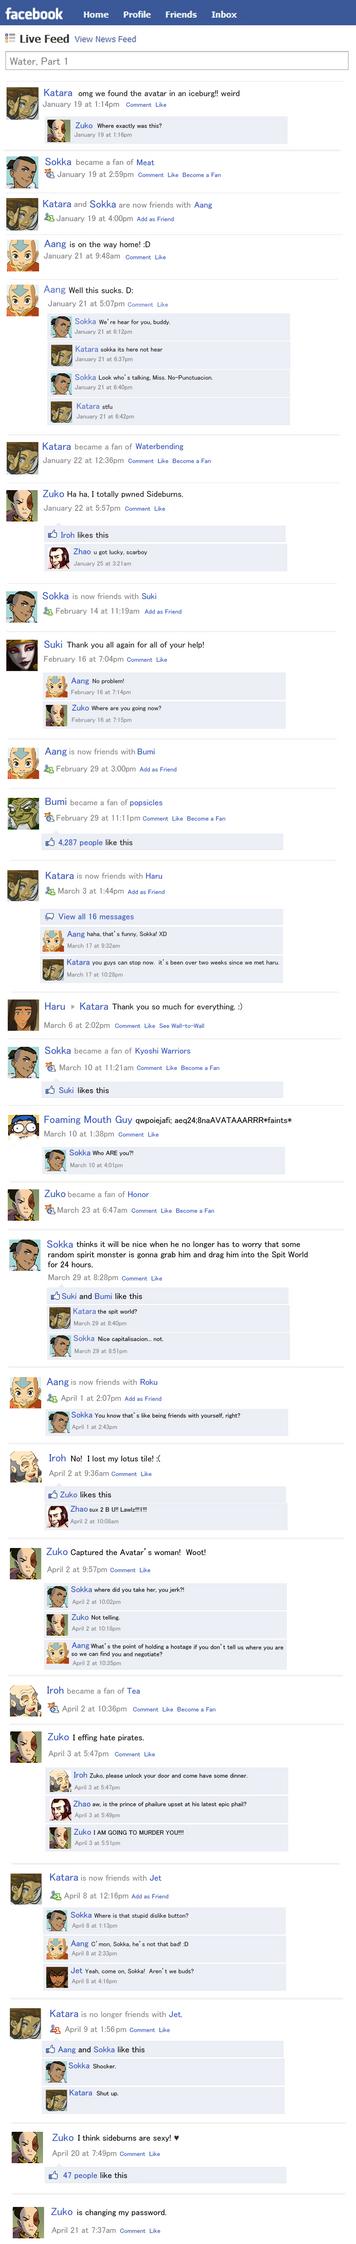 Avatar Facebook Water Part 1 by Golden-Flute